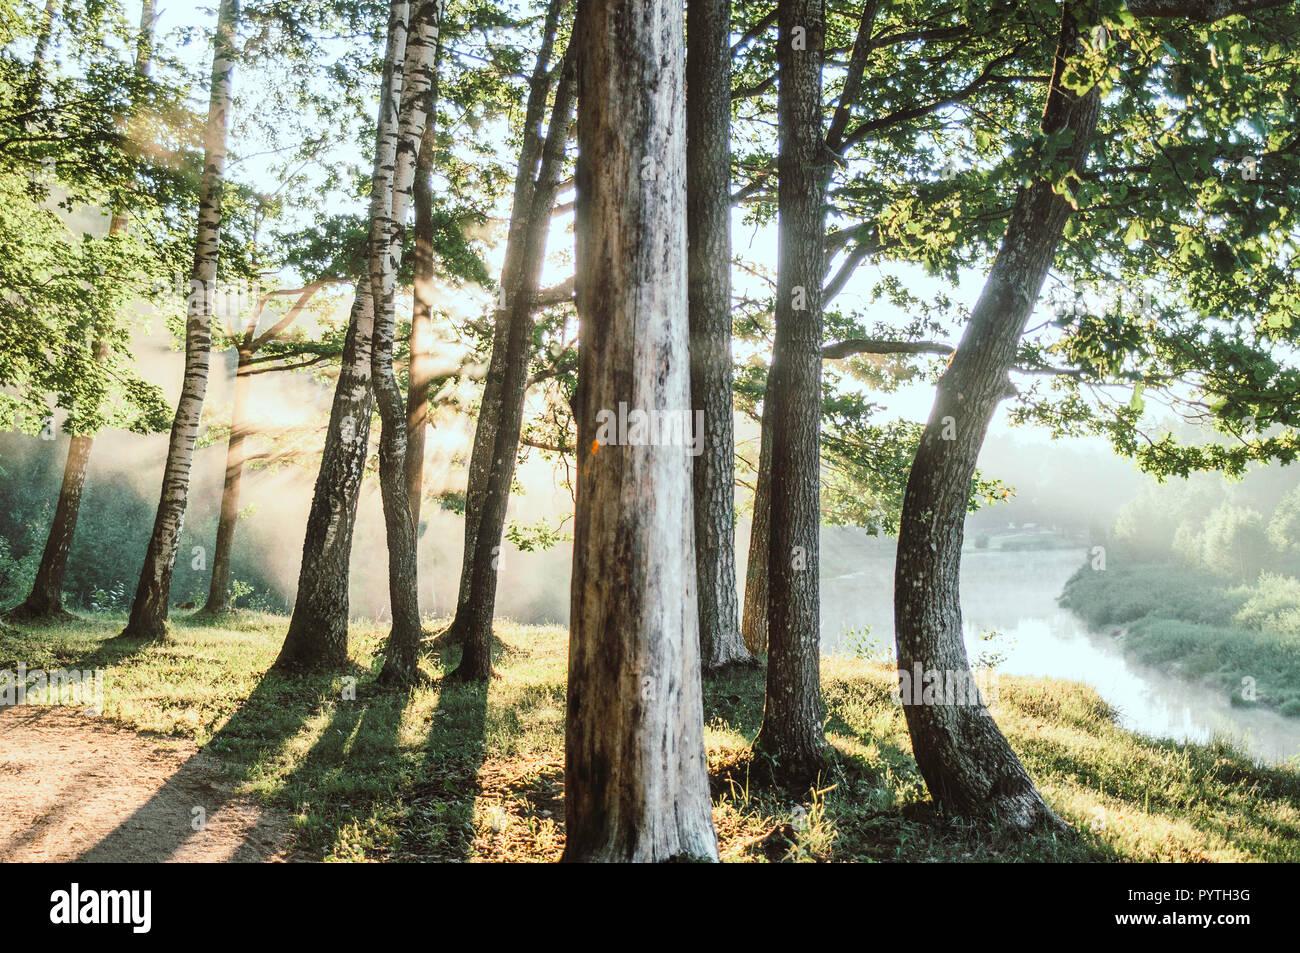 Les rayons du soleil brille à travers les troncs d'arbre. Au début de l'été matin. Photo Stock